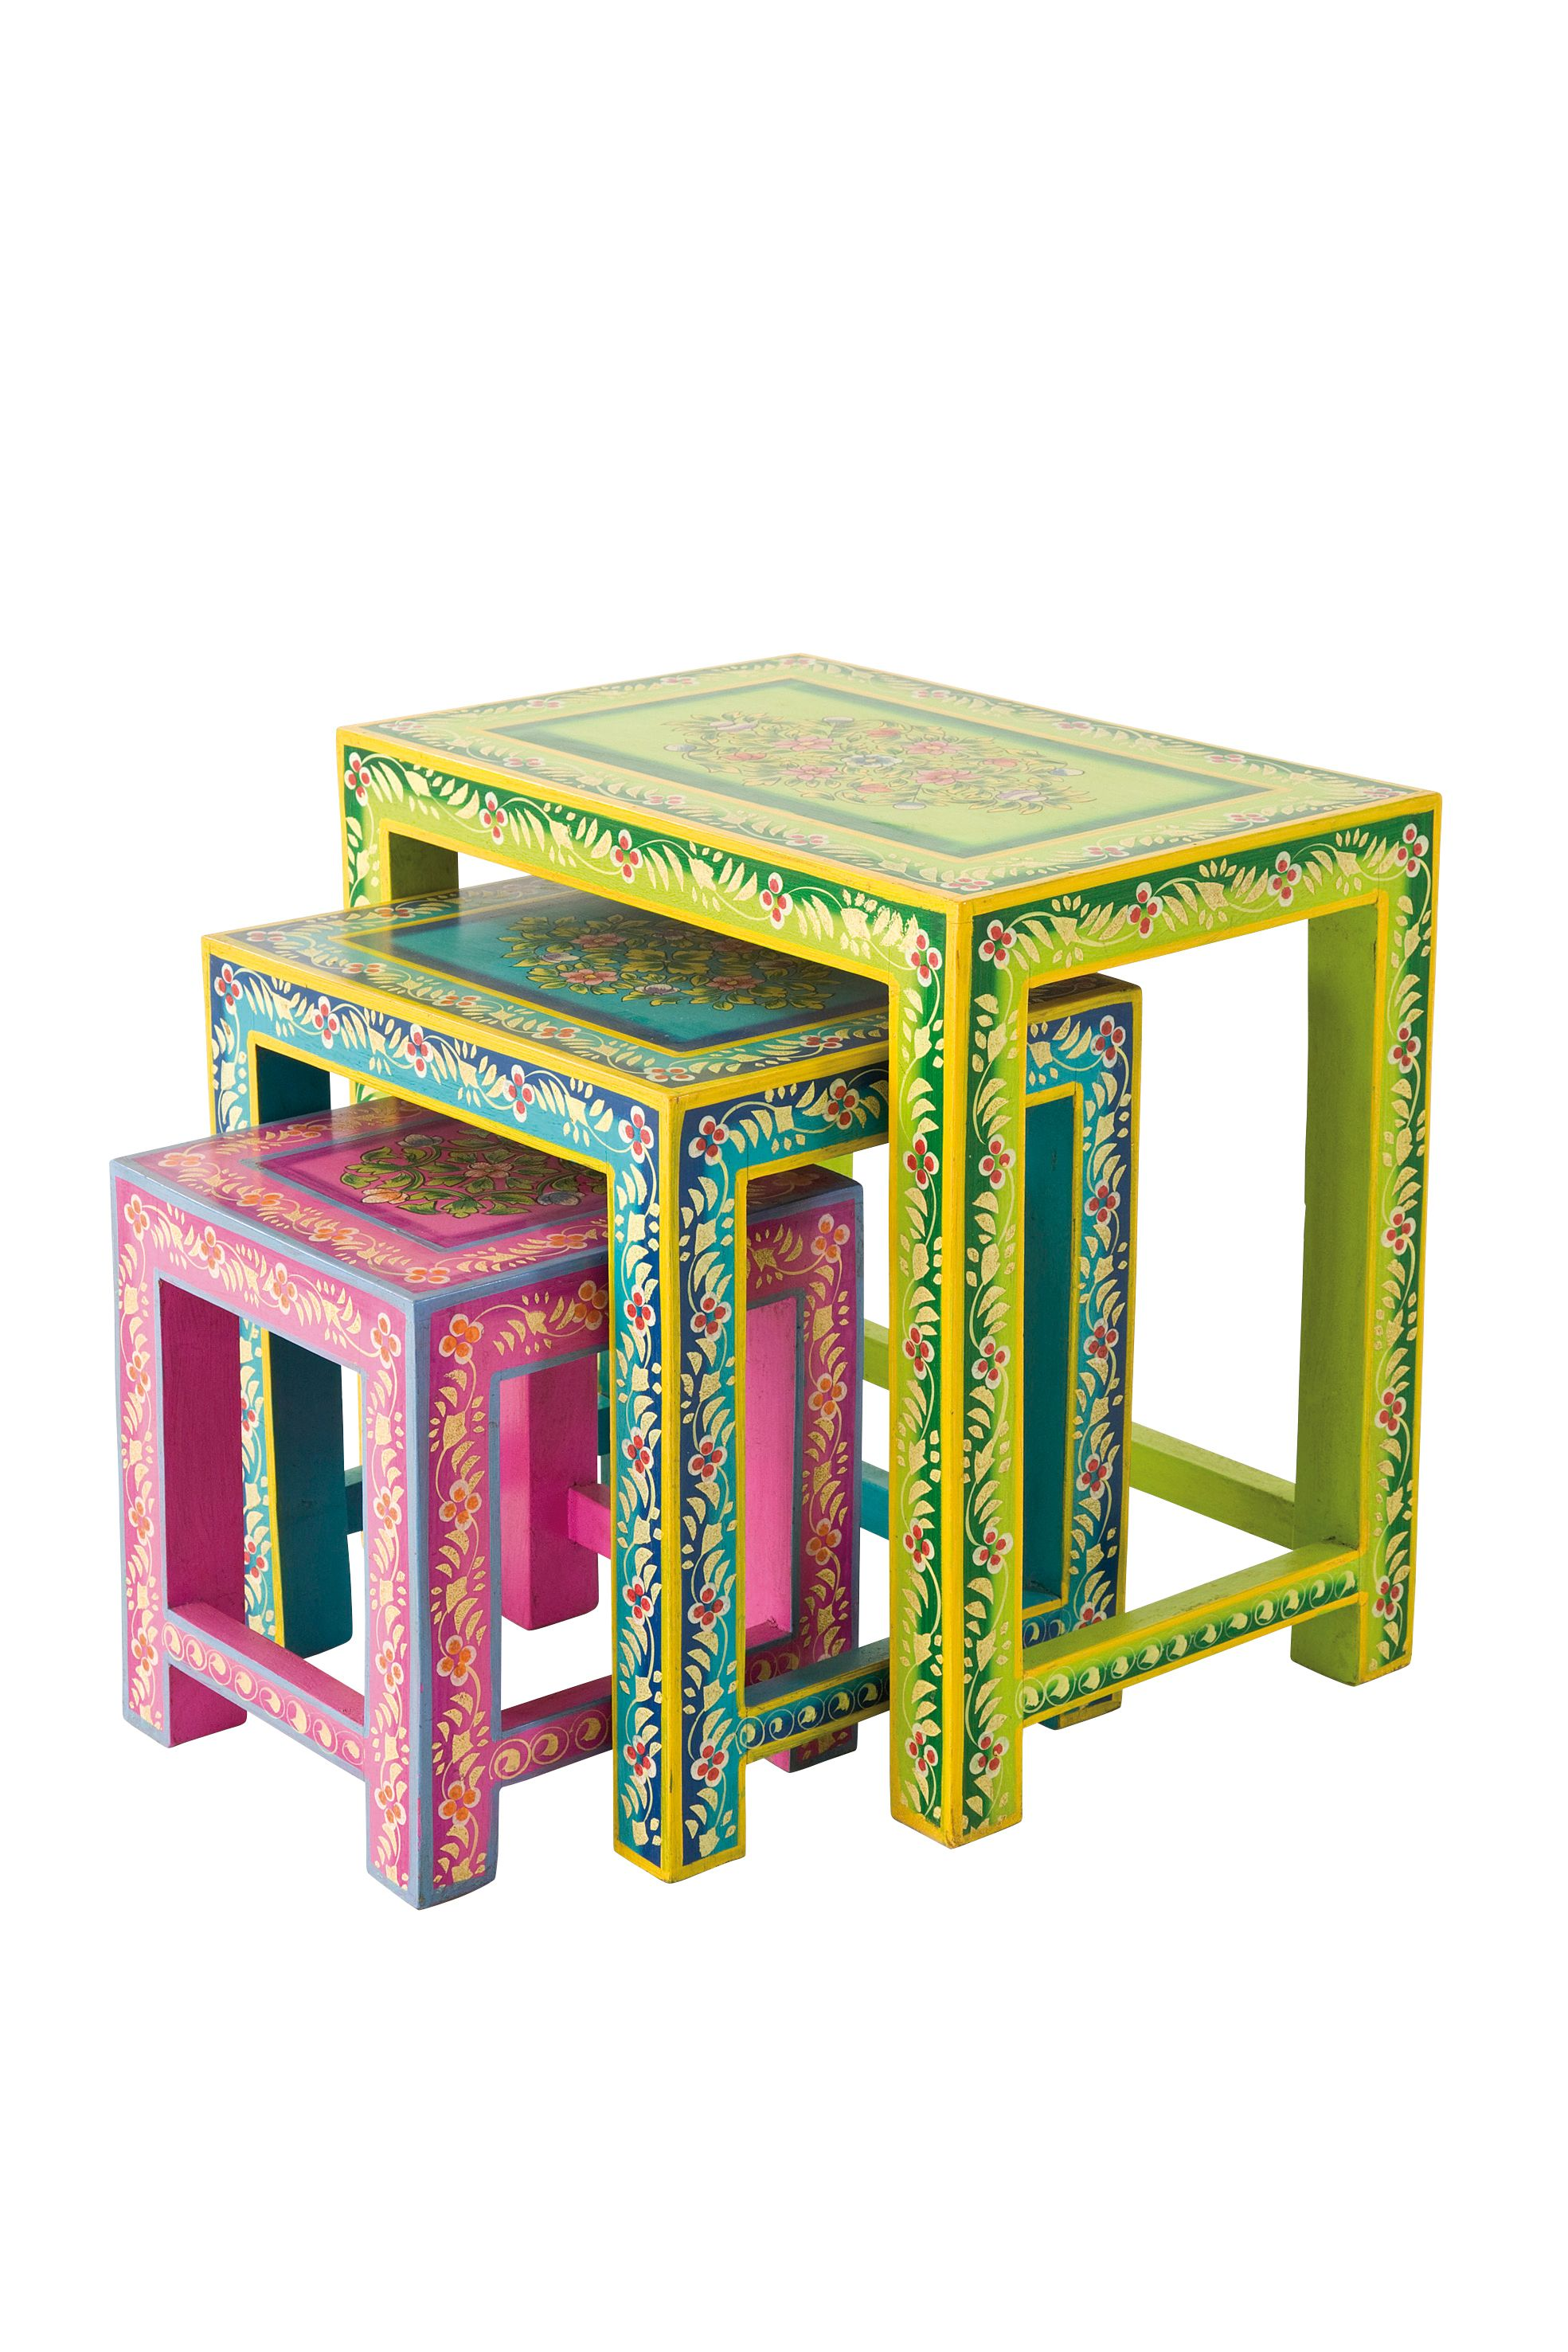 kare design orientalische handbemalte beistelltische als set aus mangoholz ethno styling und. Black Bedroom Furniture Sets. Home Design Ideas